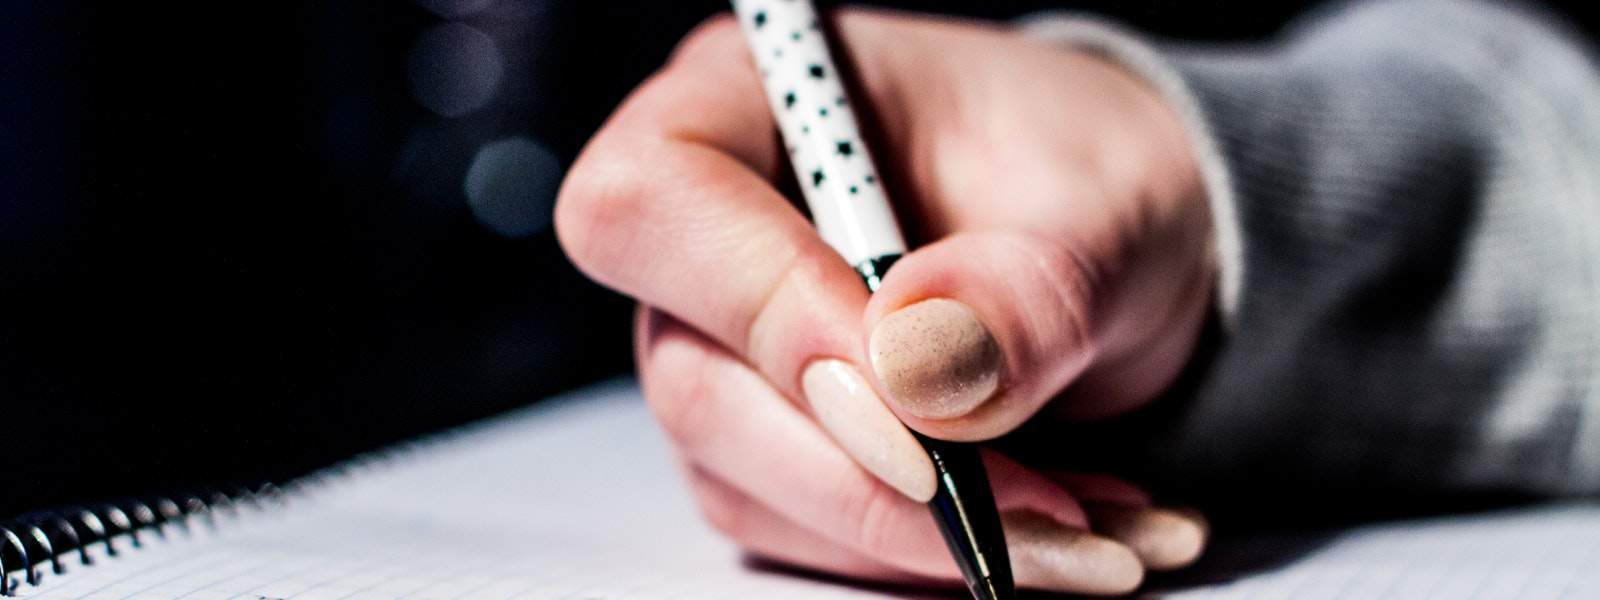 Как написать стихотворение: советы начинающим поэтам